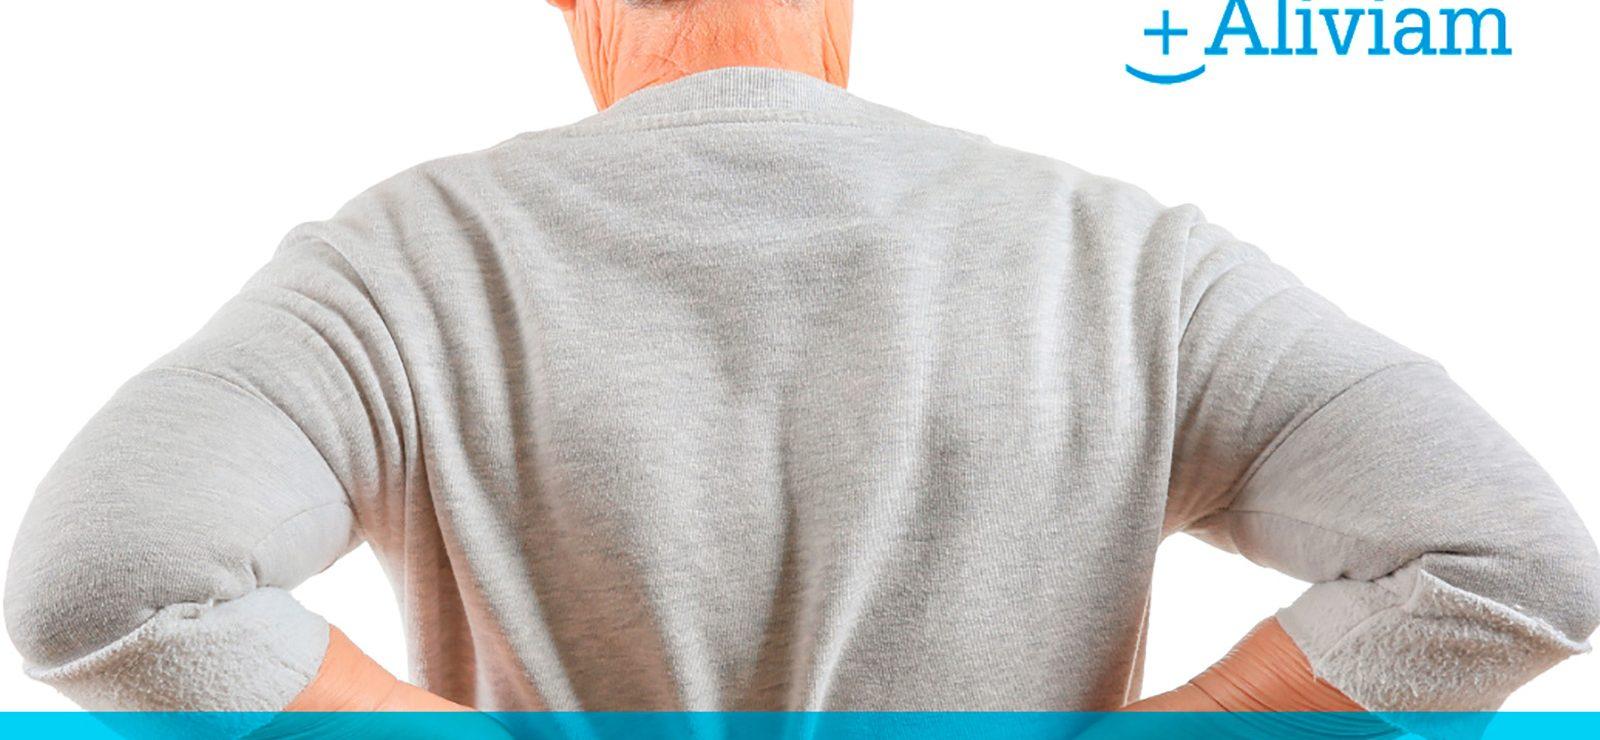 Precauciones para pacientes que sufren hernia discal